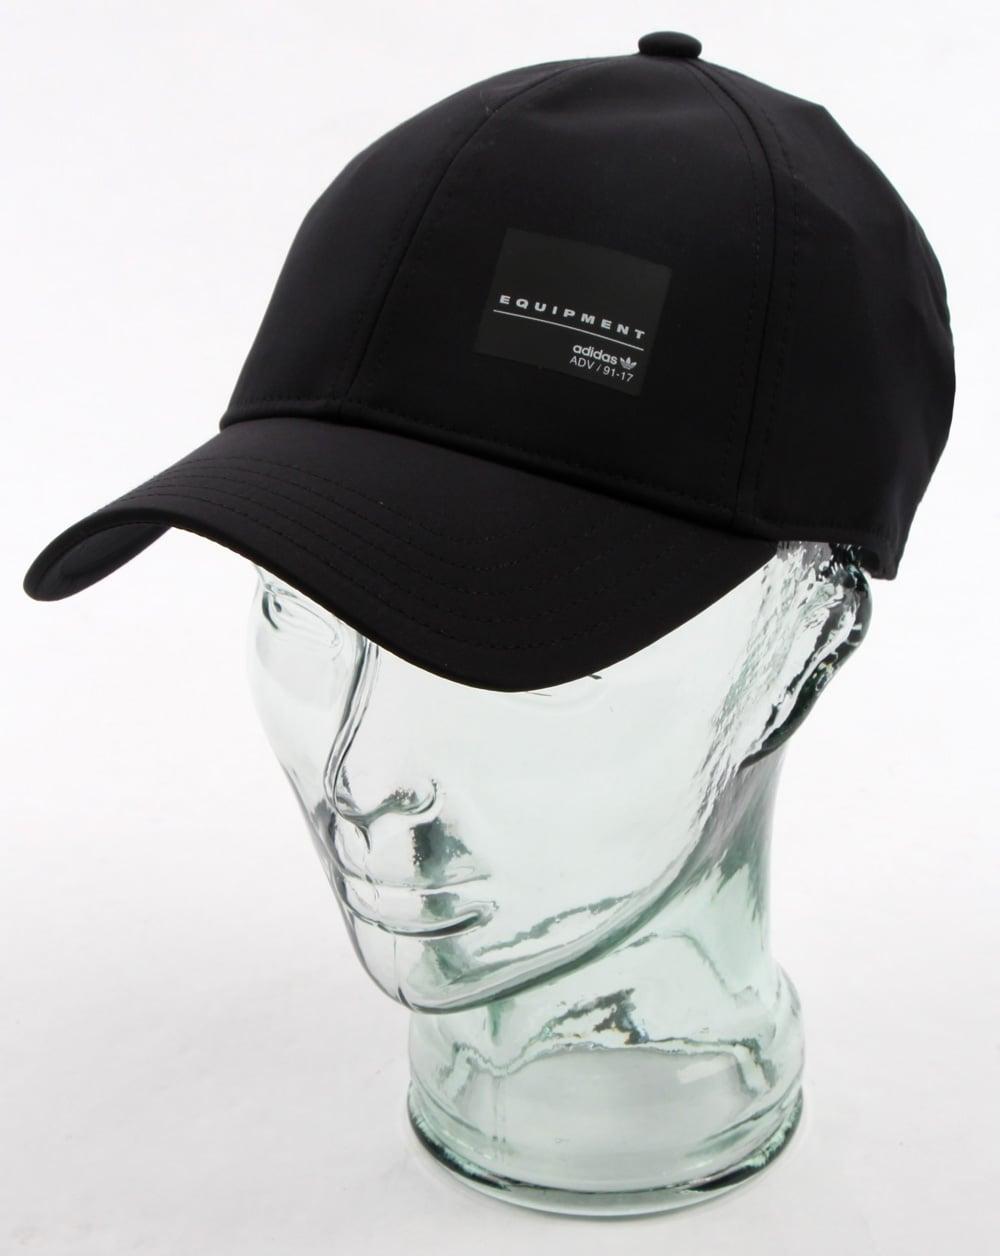 adidas Originals Adidas Originals Eqt Classic Cap Black white ec061c3cb97